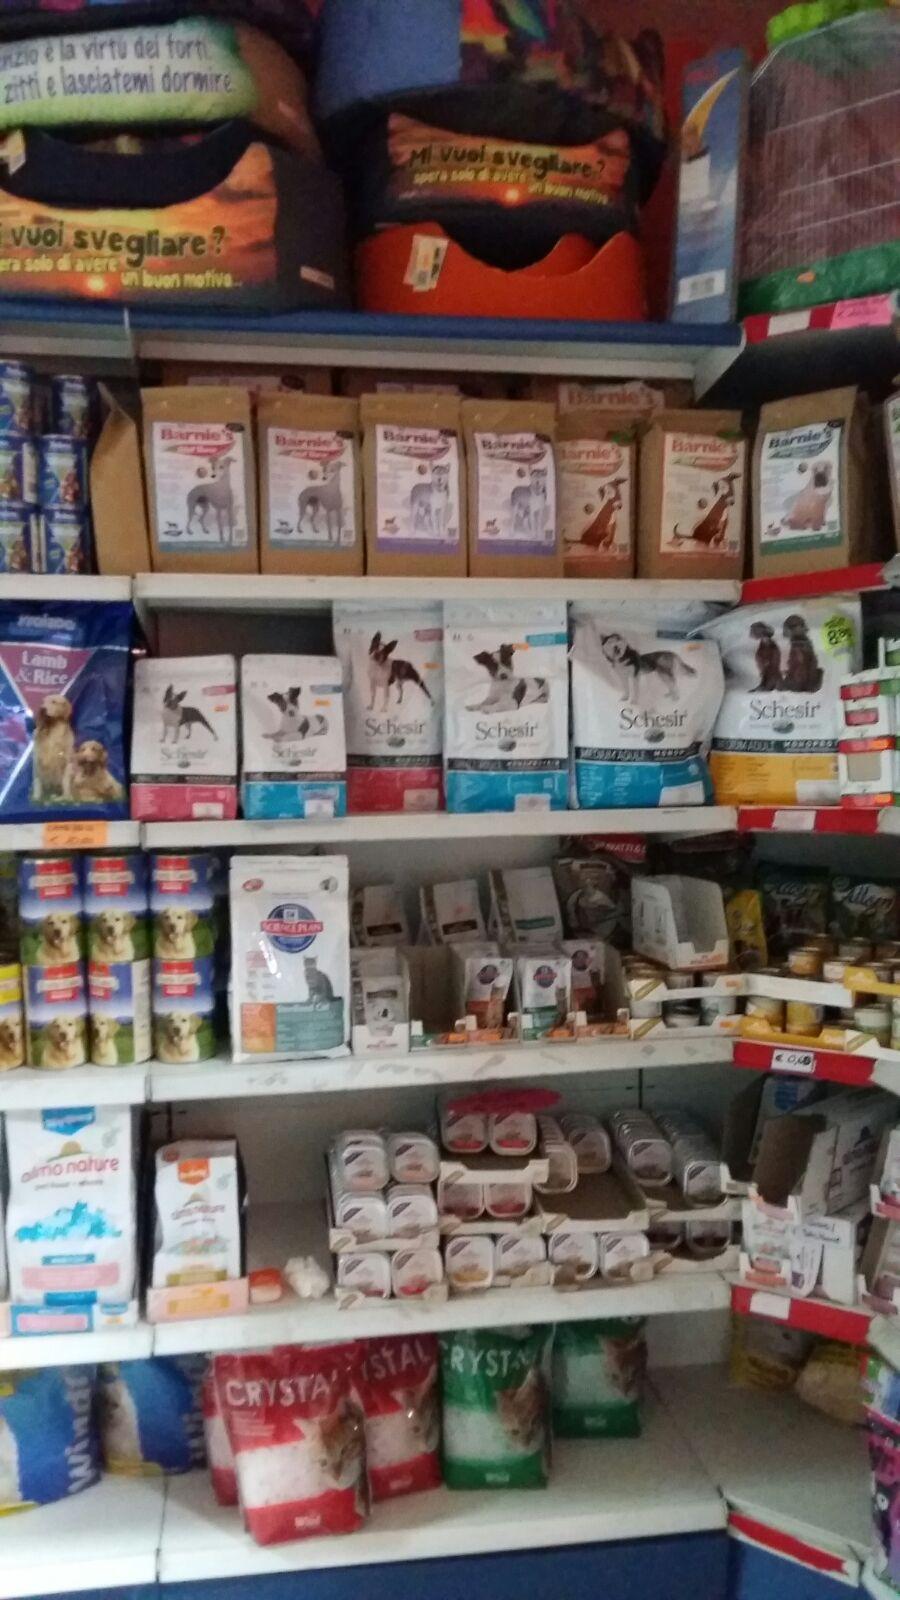 Delle mensole con confezioni di mangime per gli animali